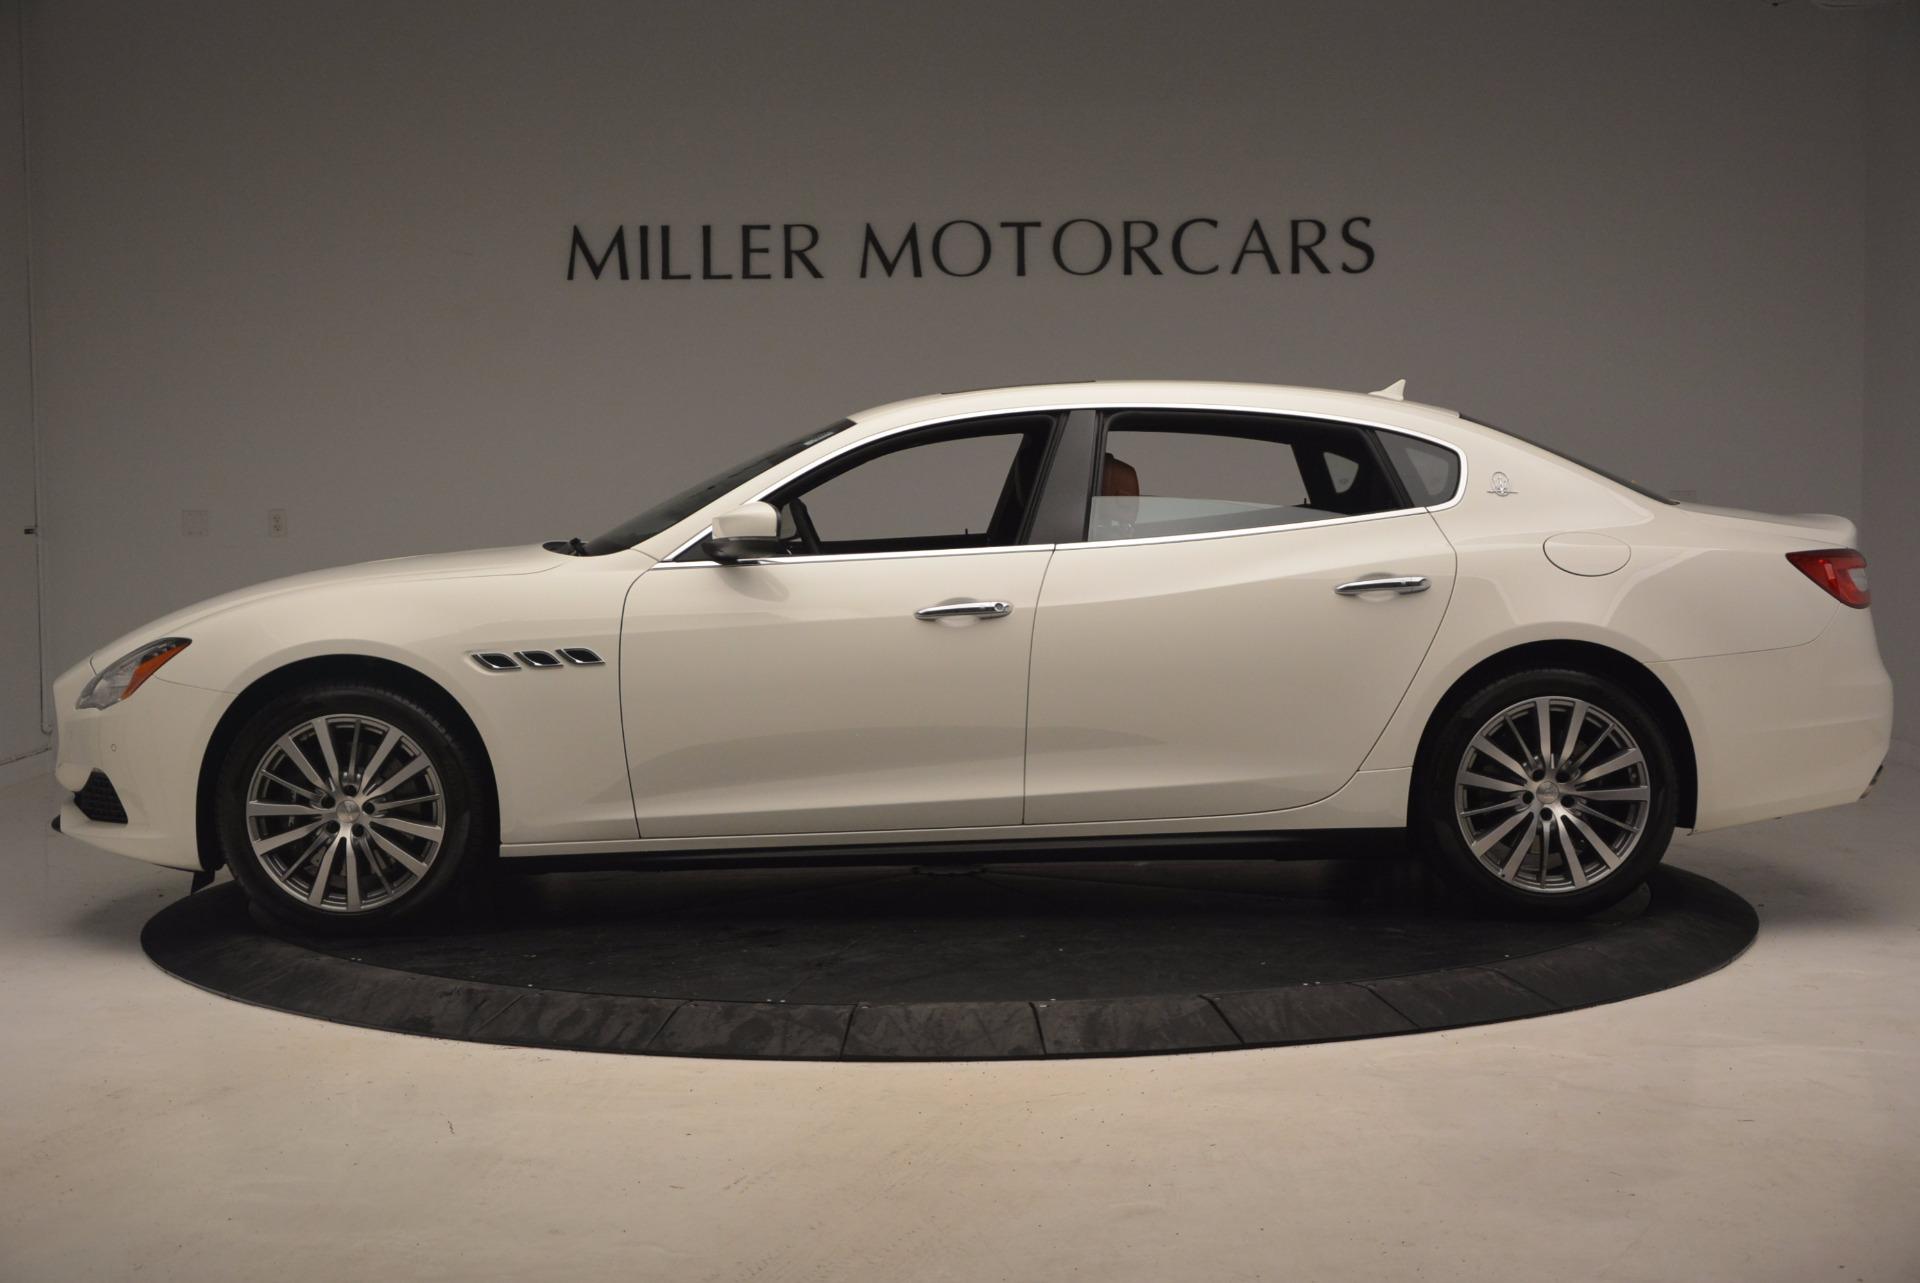 New 2017 Maserati Quattroporte SQ4 For Sale In Greenwich, CT 1065_p3